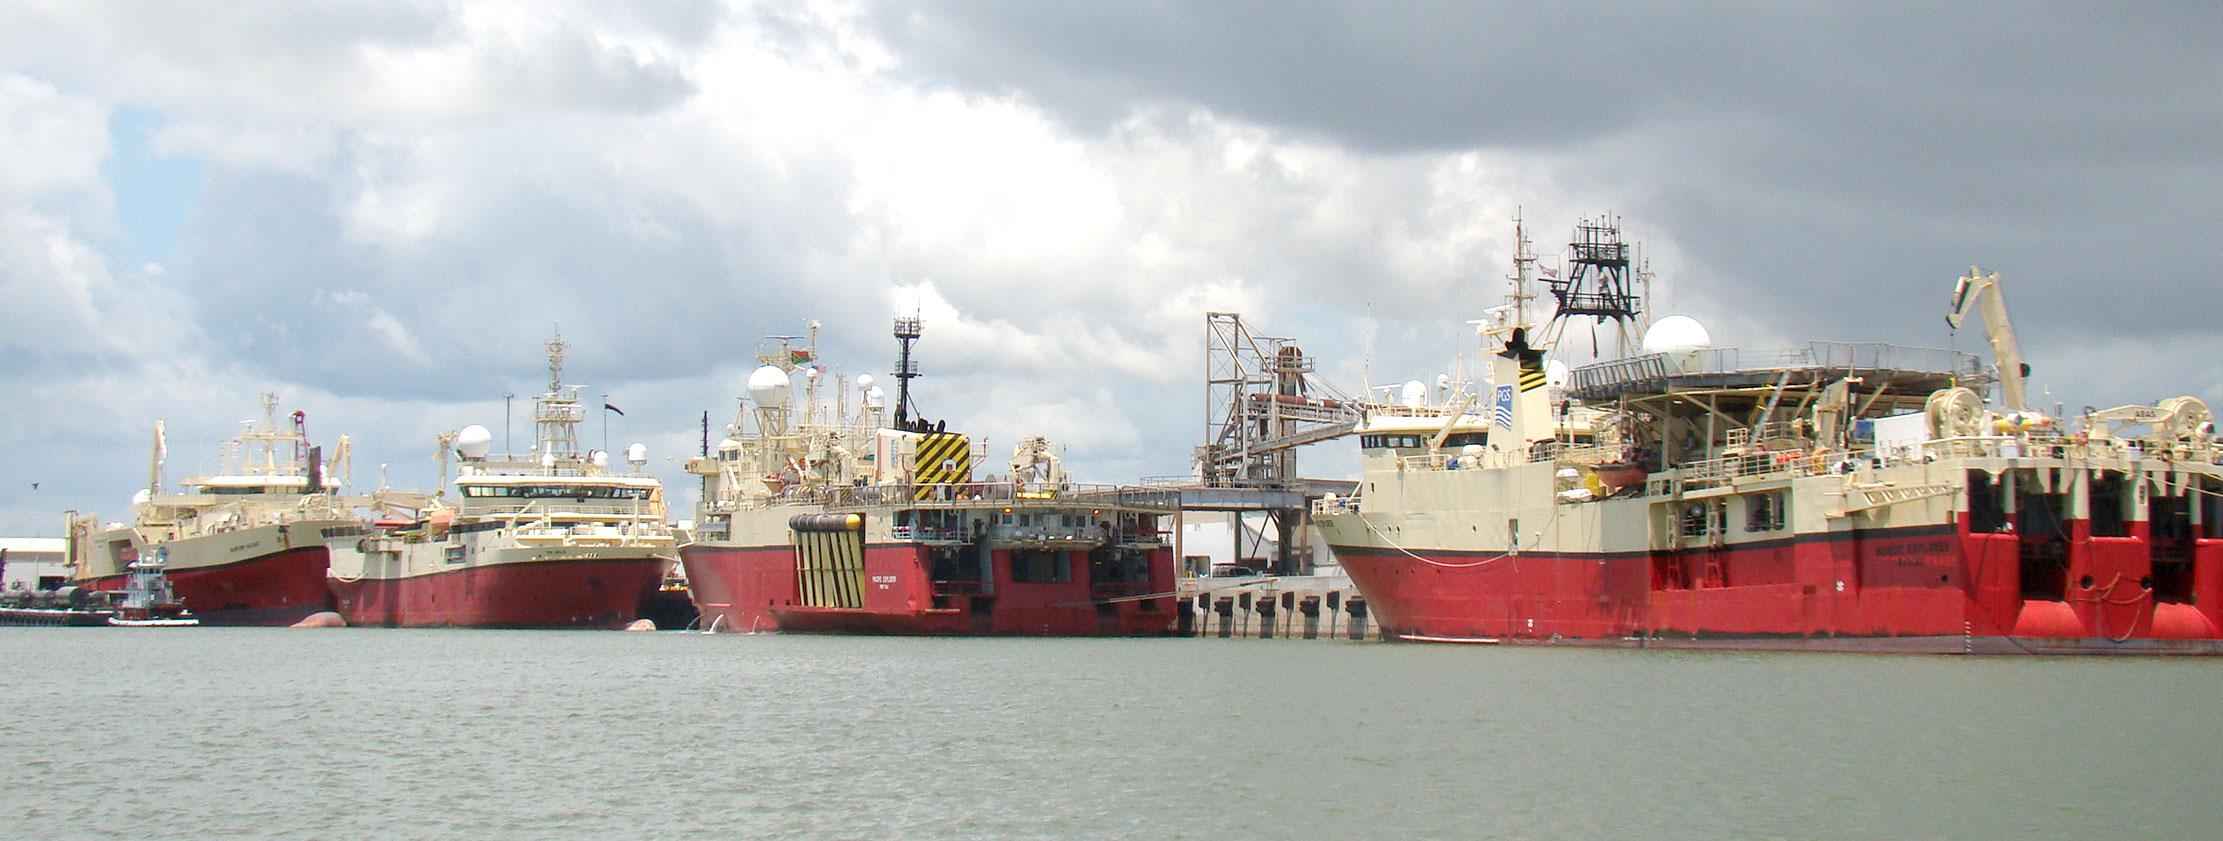 port freeport tariffs